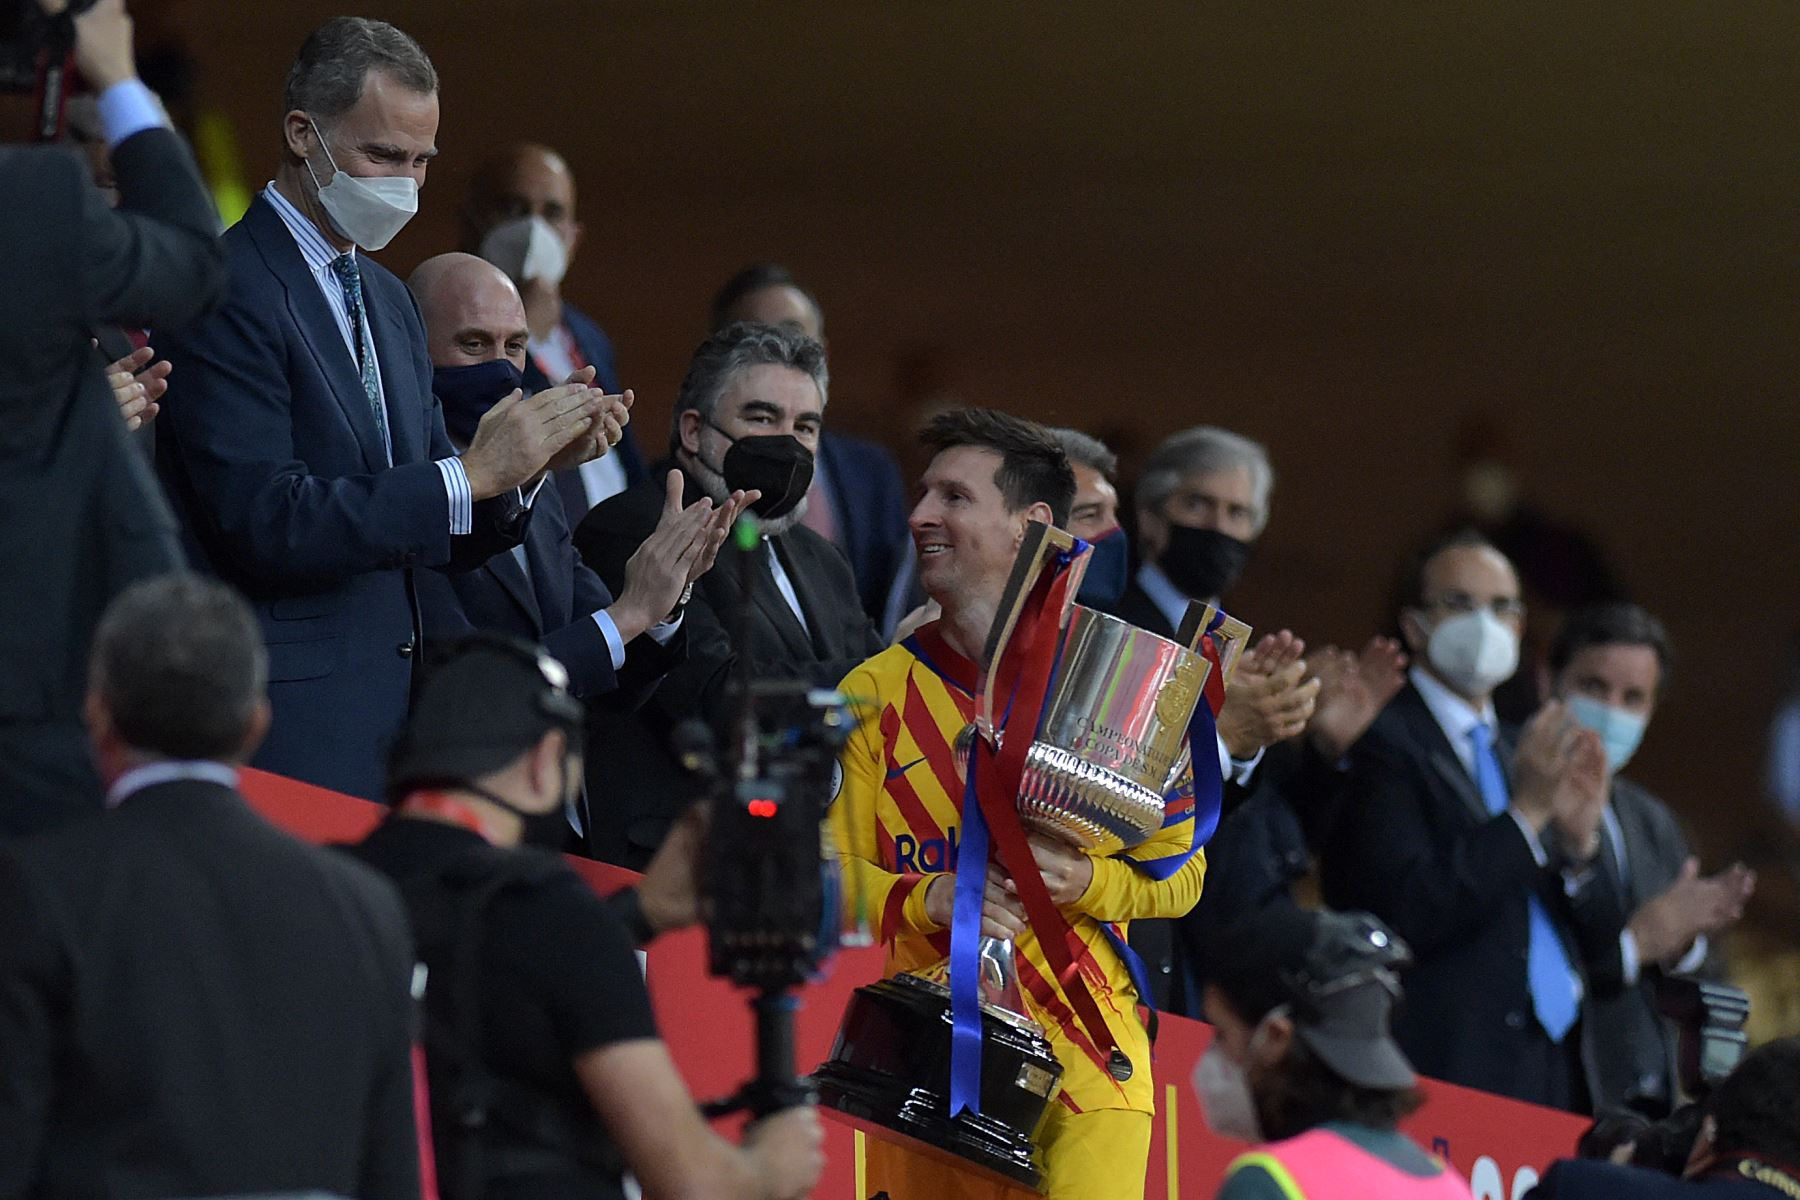 El delantero argentino del Barcelona Lionel Messi sostiene el trofeo después de recibirlo de manos del rey Felipe VI (izq.) De España al final de la final de la Copa del Rey de España entre el Athletic Club de Bilbao y el FC Barcelona en el estadio de La Cartuja de Sevilla. Foto: AFP